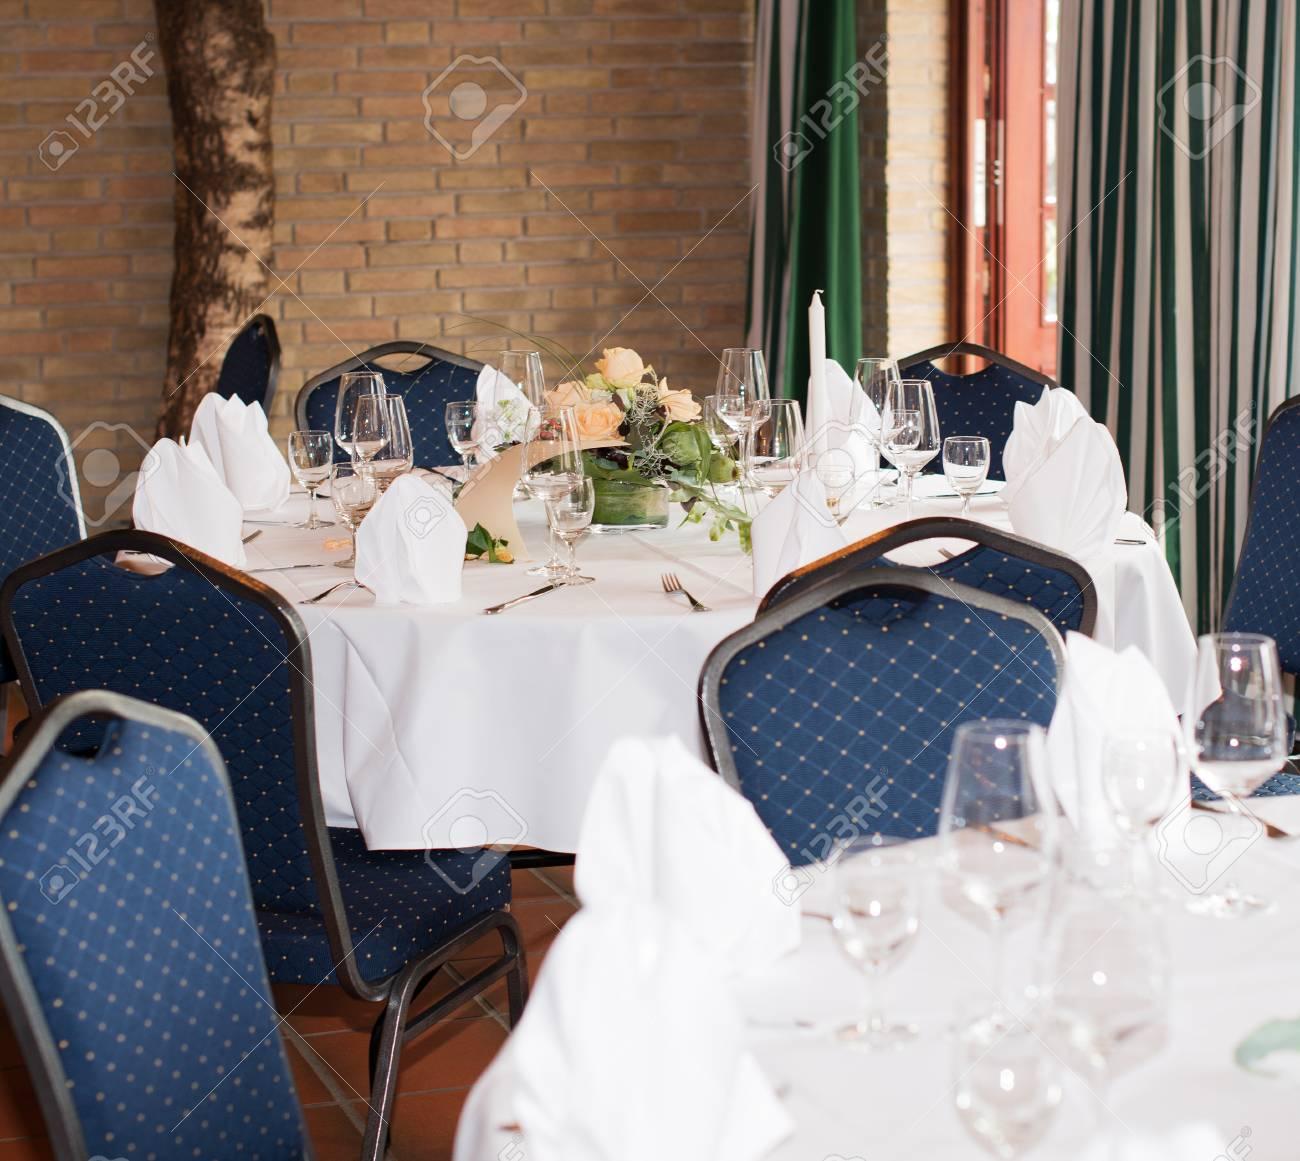 Tischdekoration In Einem Restaurant Fur Eine Hochzeit Lizenzfreie